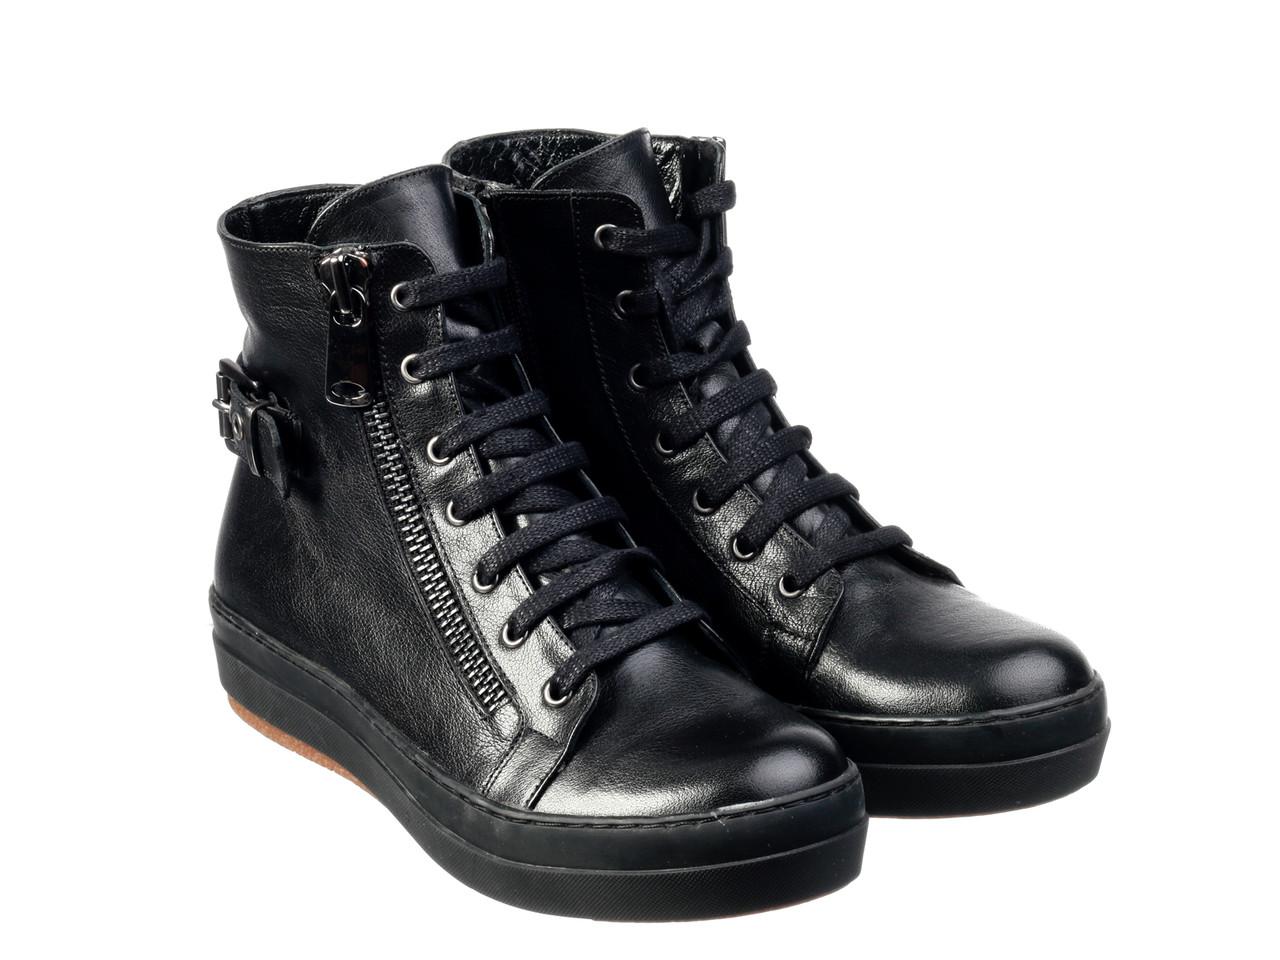 Черевики Etor 4481-32-274-2 чорні